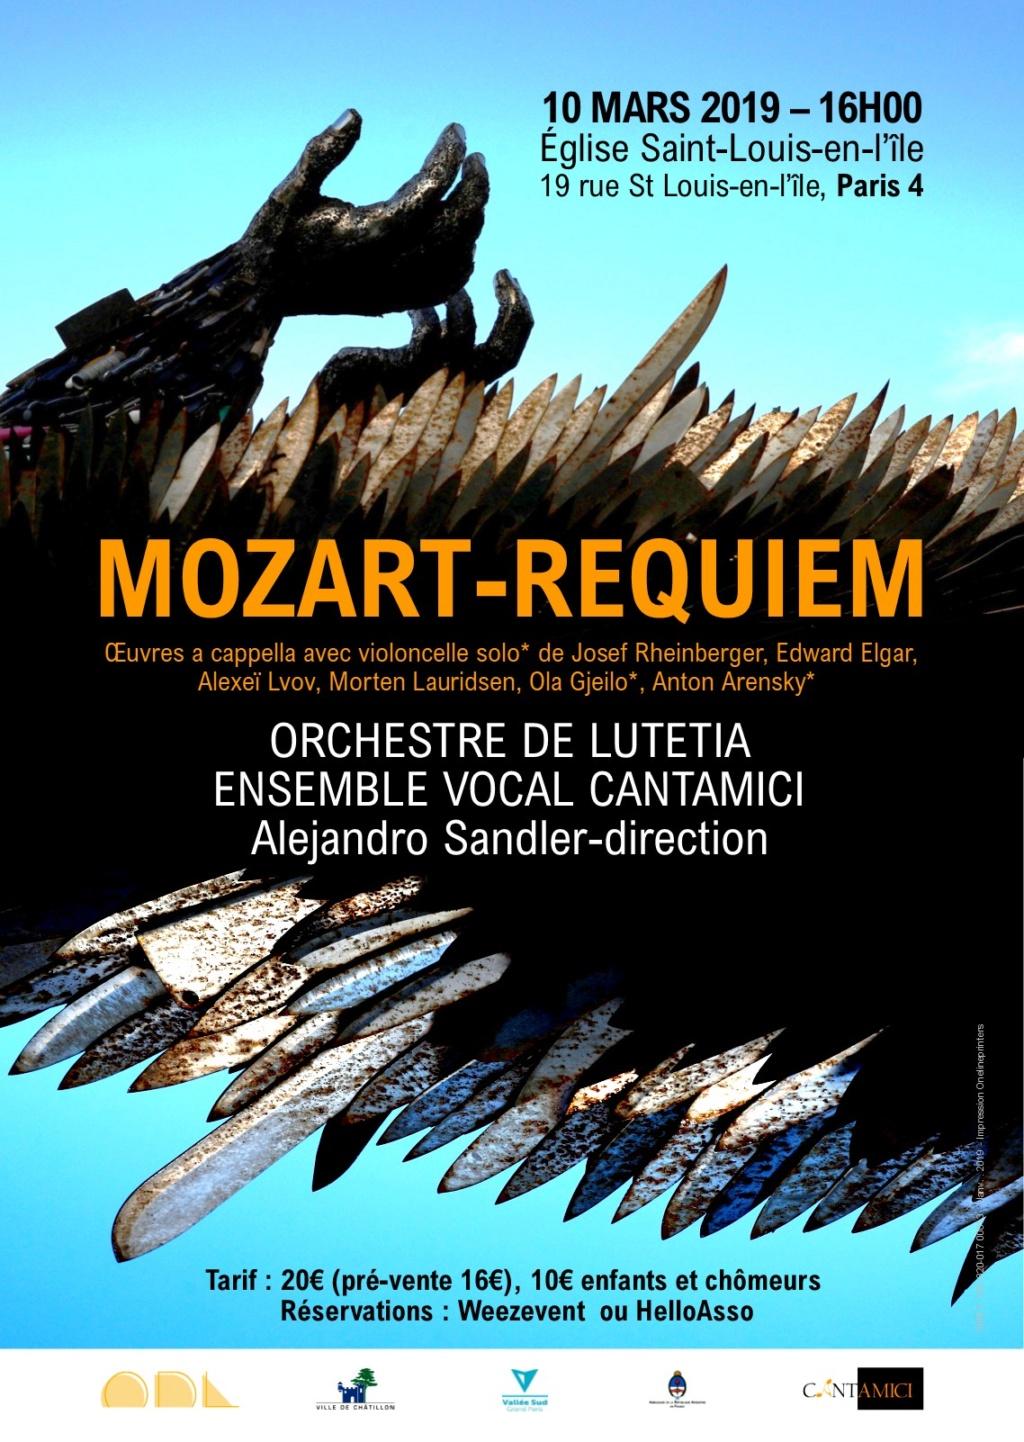 Affiche Requiem Mozart Orchestre de Lutetia mars 2019